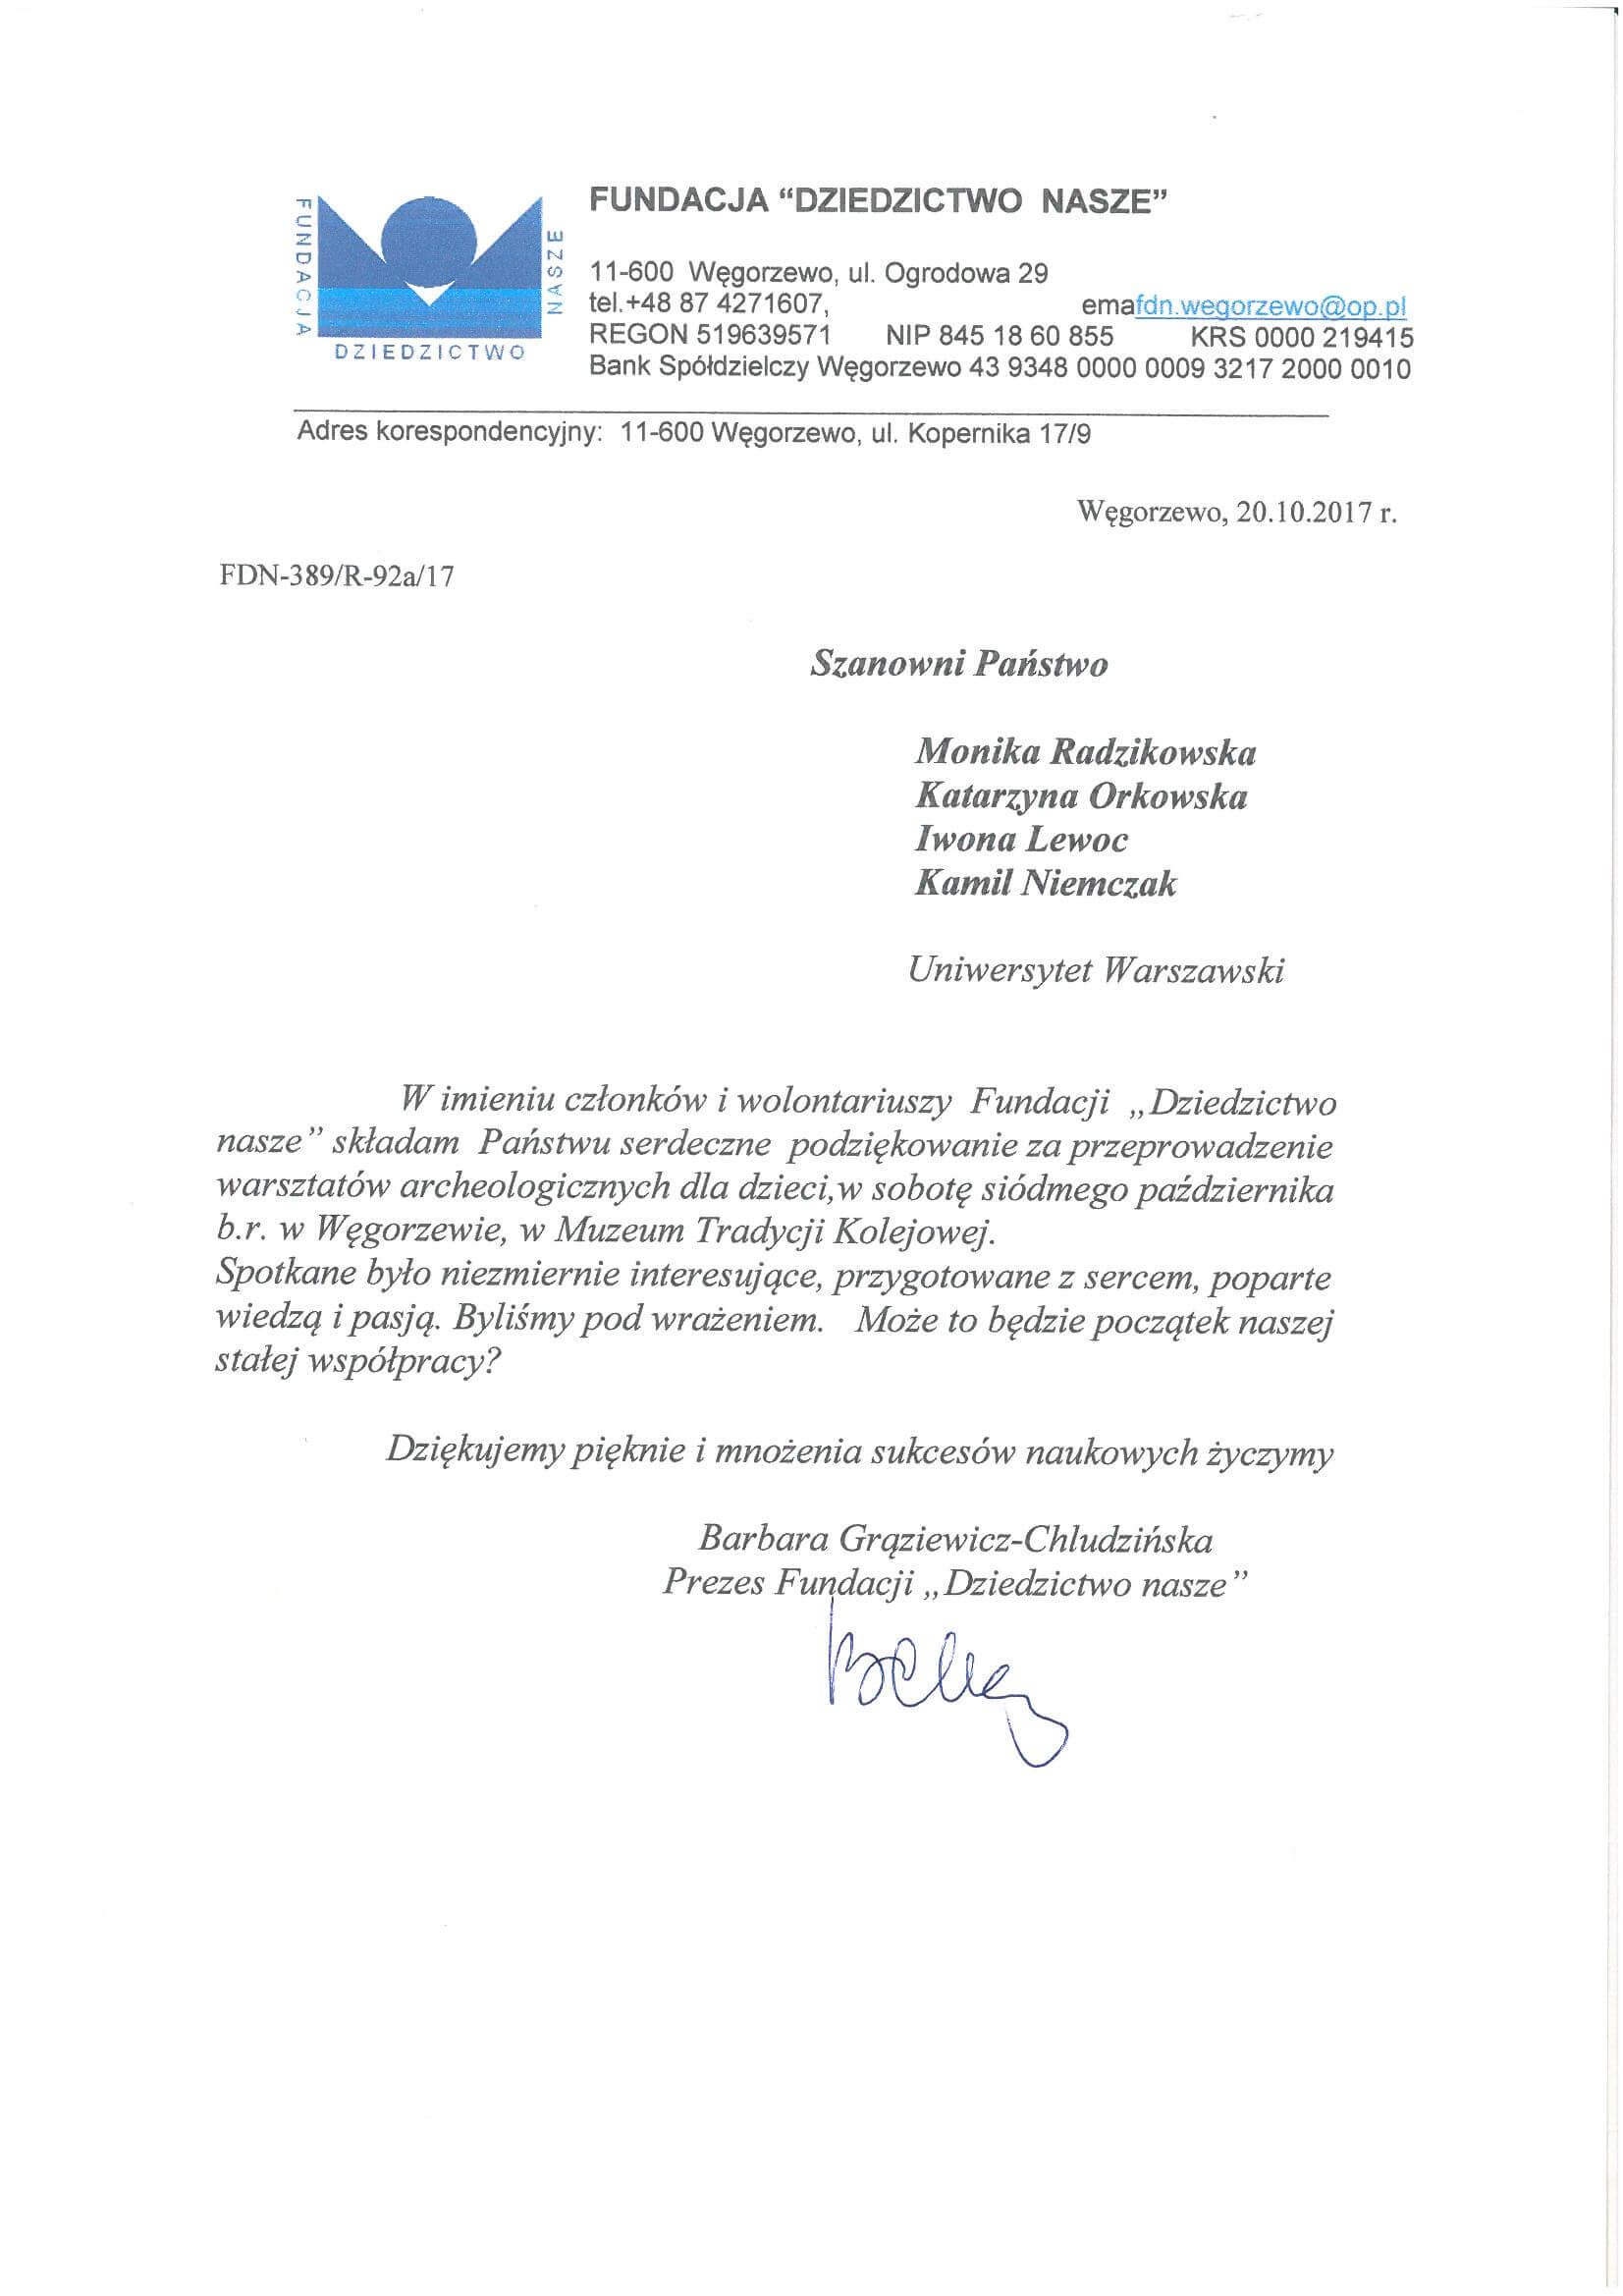 Podziękowania od Fundacji Dziedzictwo Nasze za przeprowadzenie warsztatów w Węgorzewie